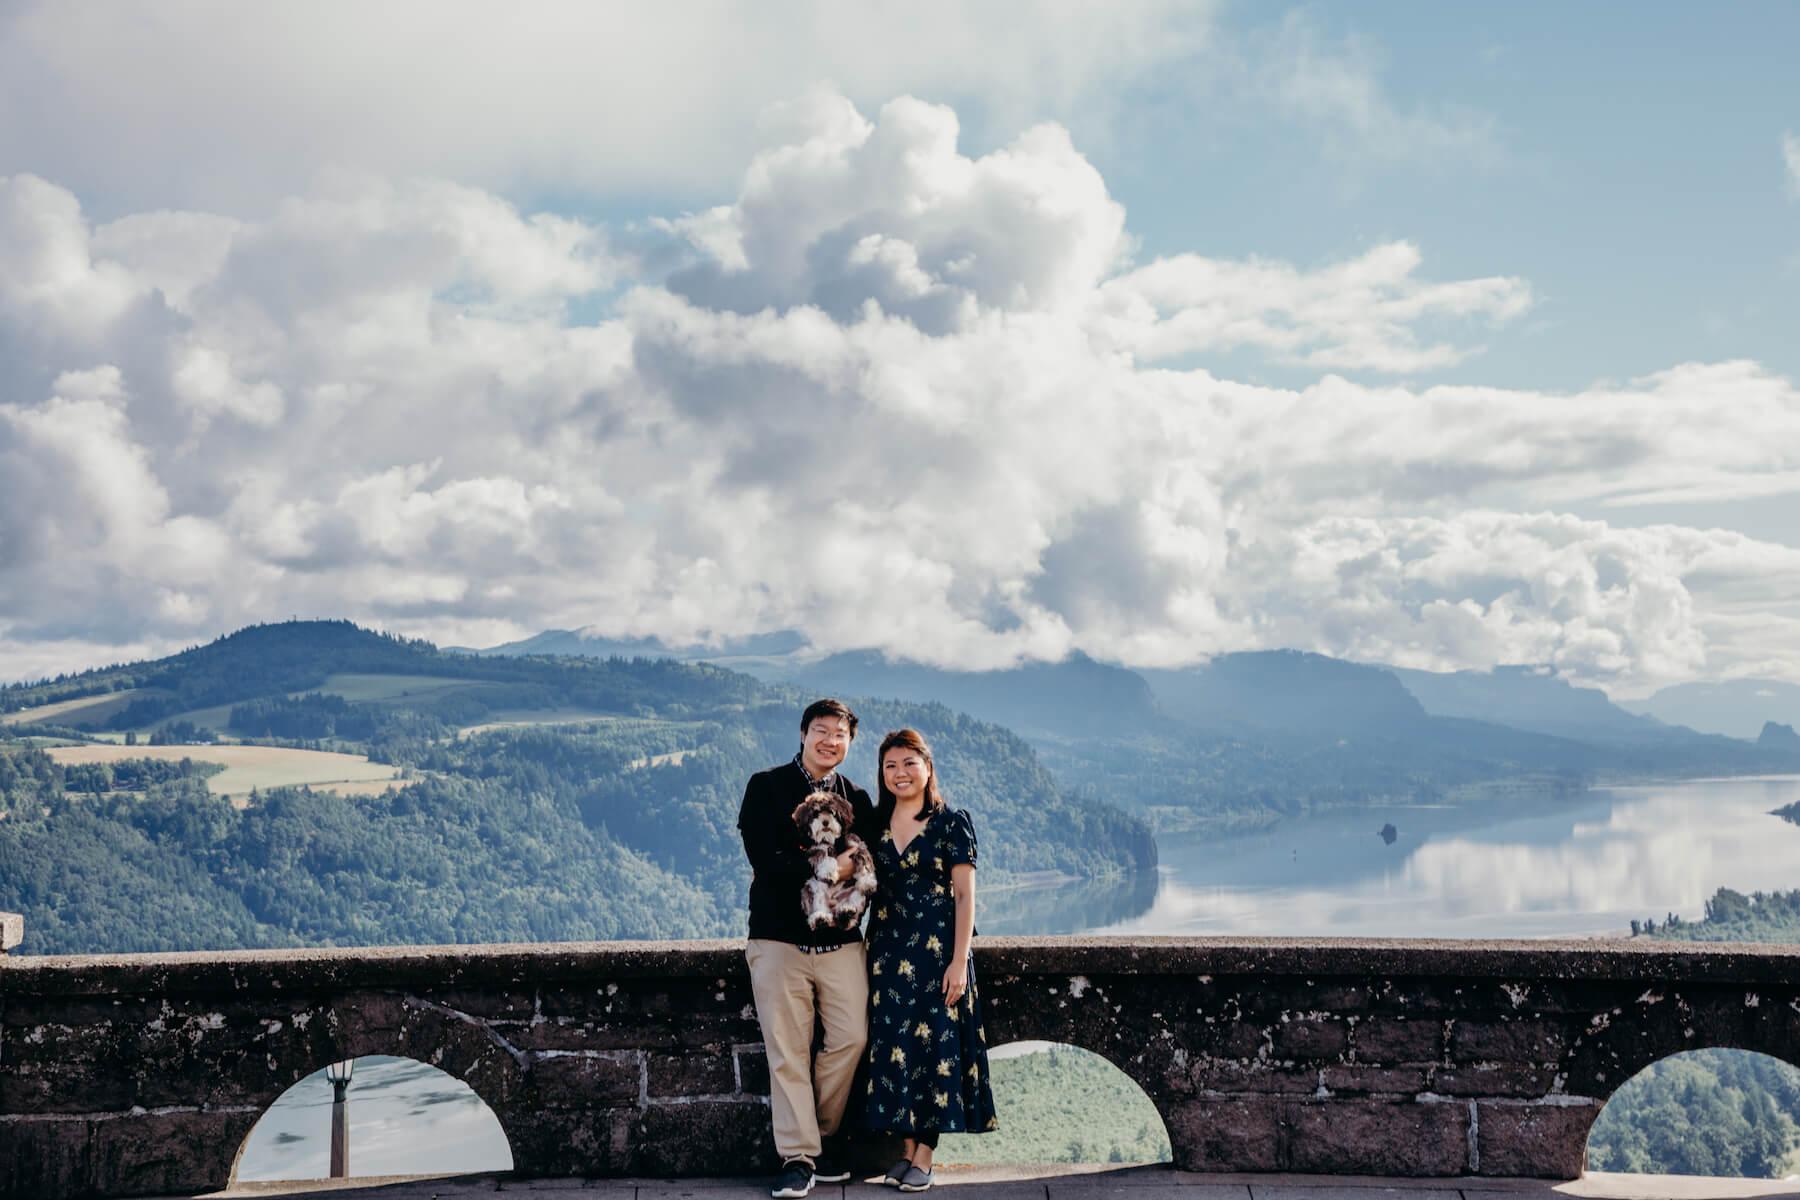 portland-06-28-2019-couples-trip-69_original